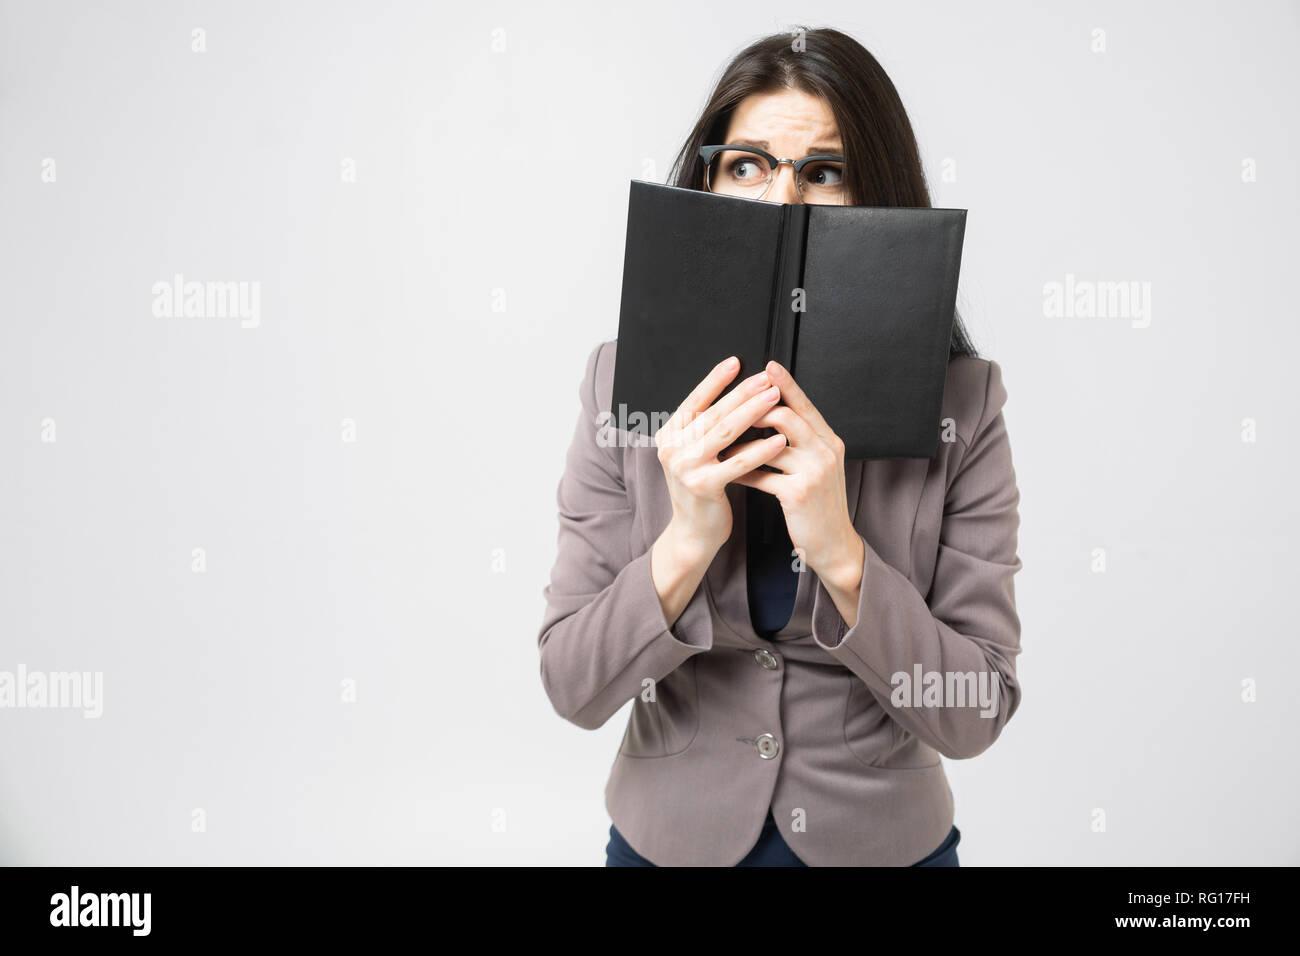 Junge Brünette den Boden ihr Gesicht mit einem Tagebuch auf weißem Hintergrund Stockbild